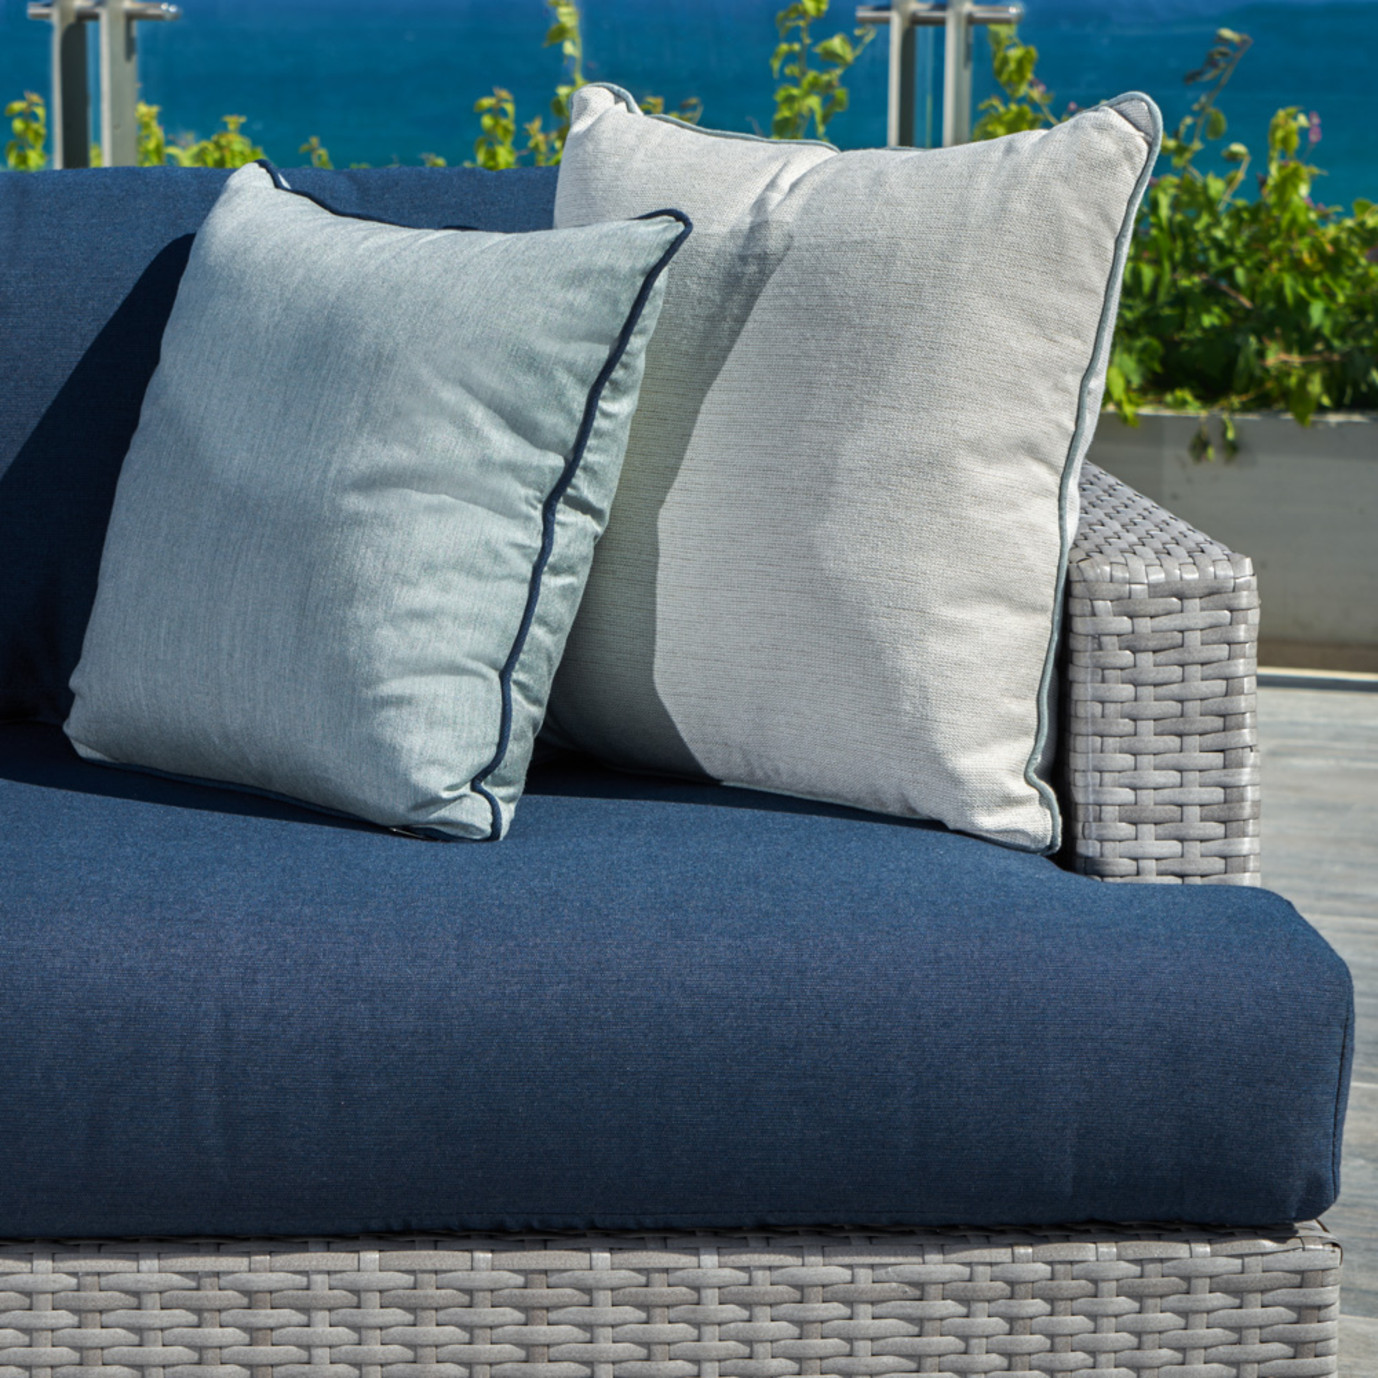 Portofino™ Comfort 71in Loveseat - Laguna Blue